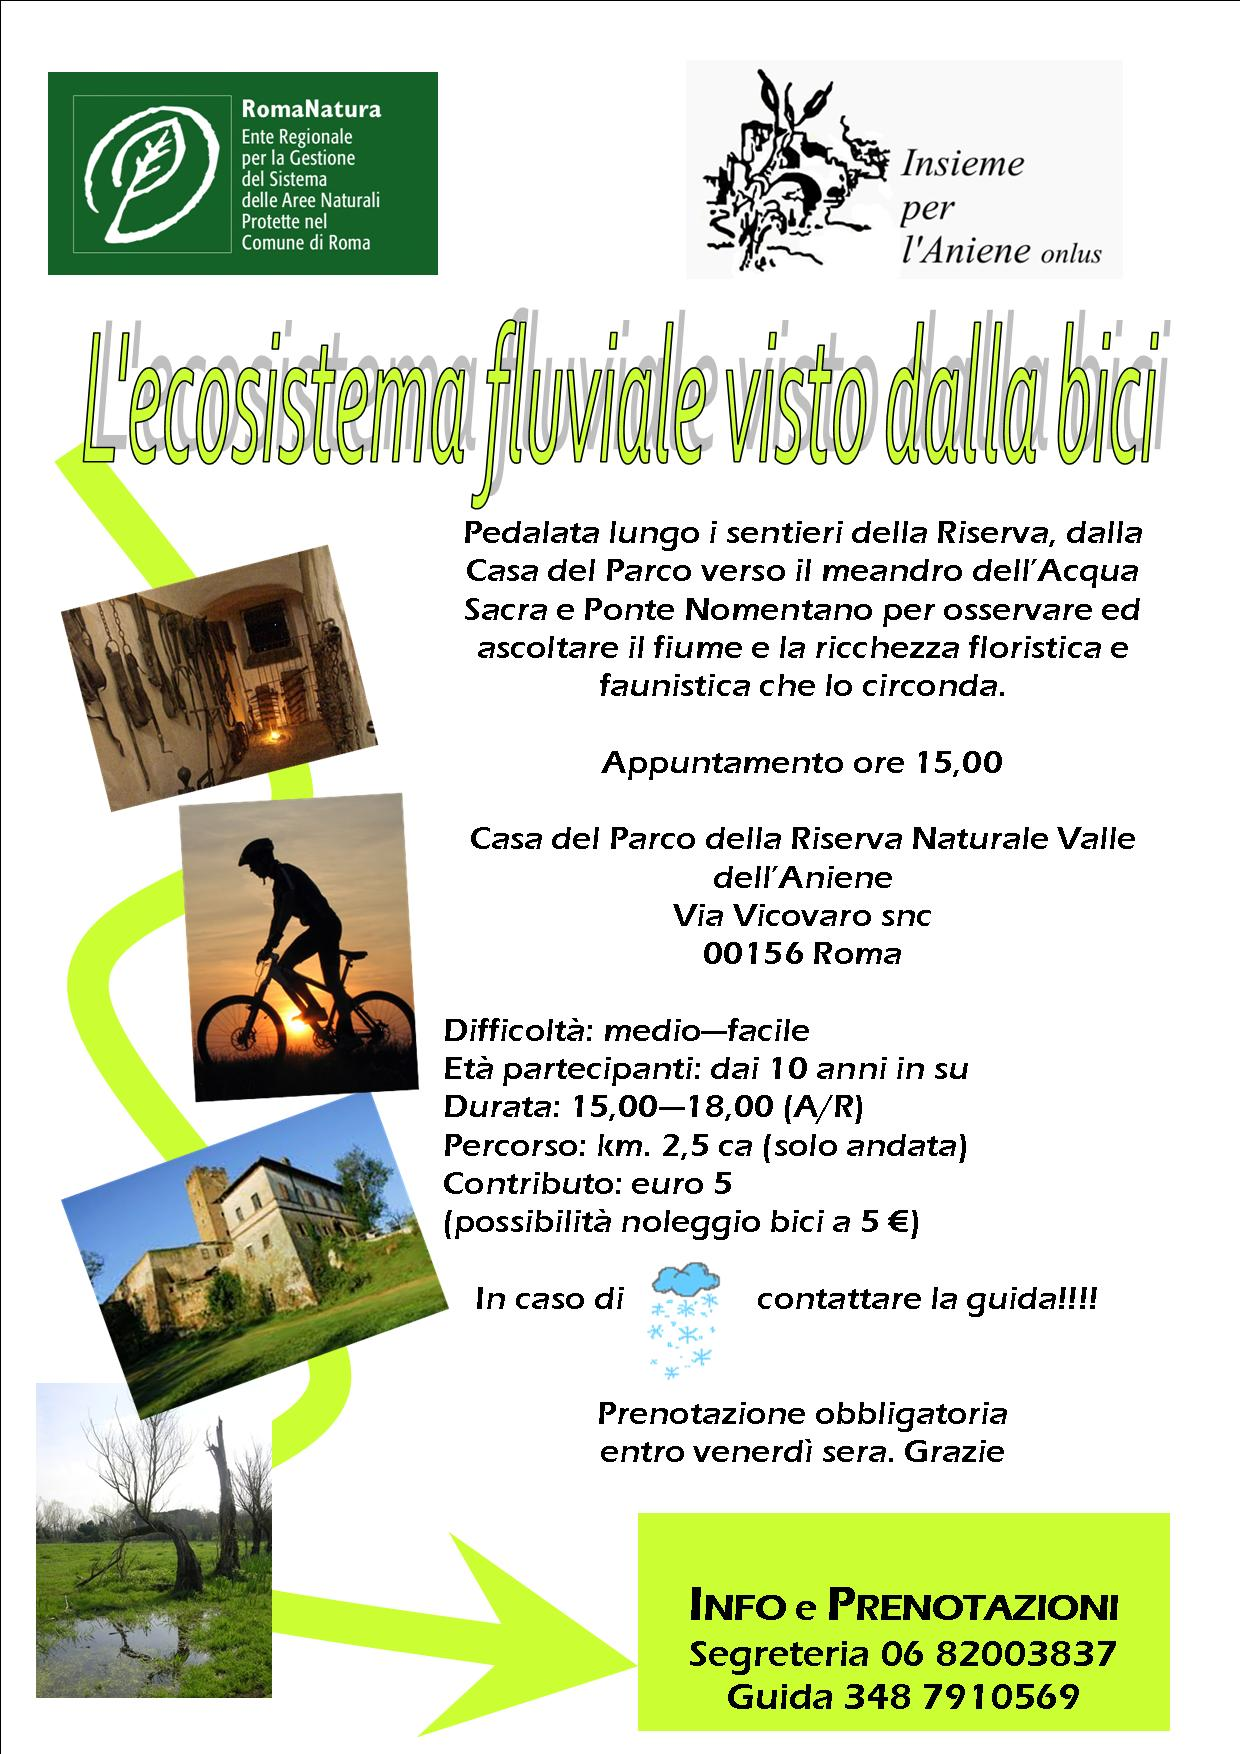 20 Maggio 2012 L'ECOSISTEMA FLUVIALE VISTO DALLA BICI